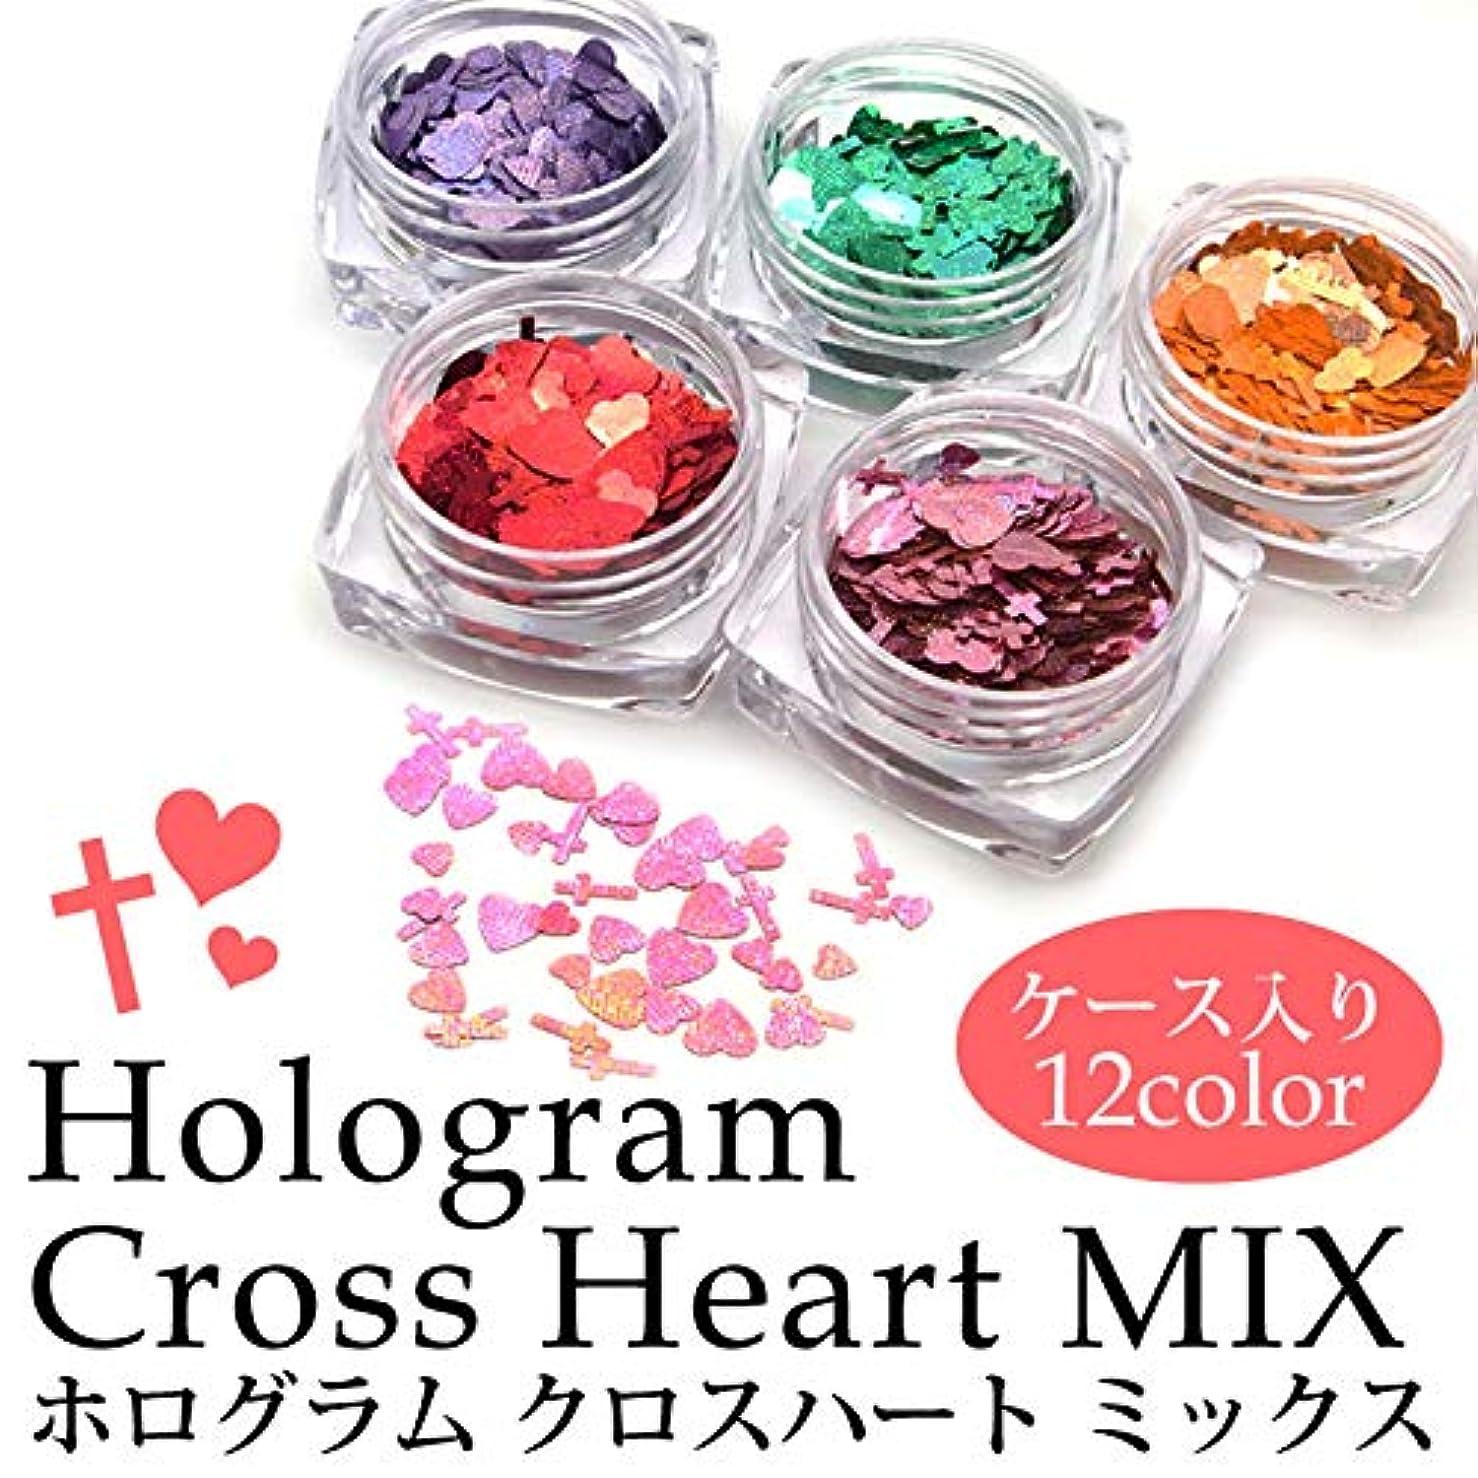 冗長吸収する気取らないホログラム クロス ハート ミックス 各種 ケース入り (6.ピンク)